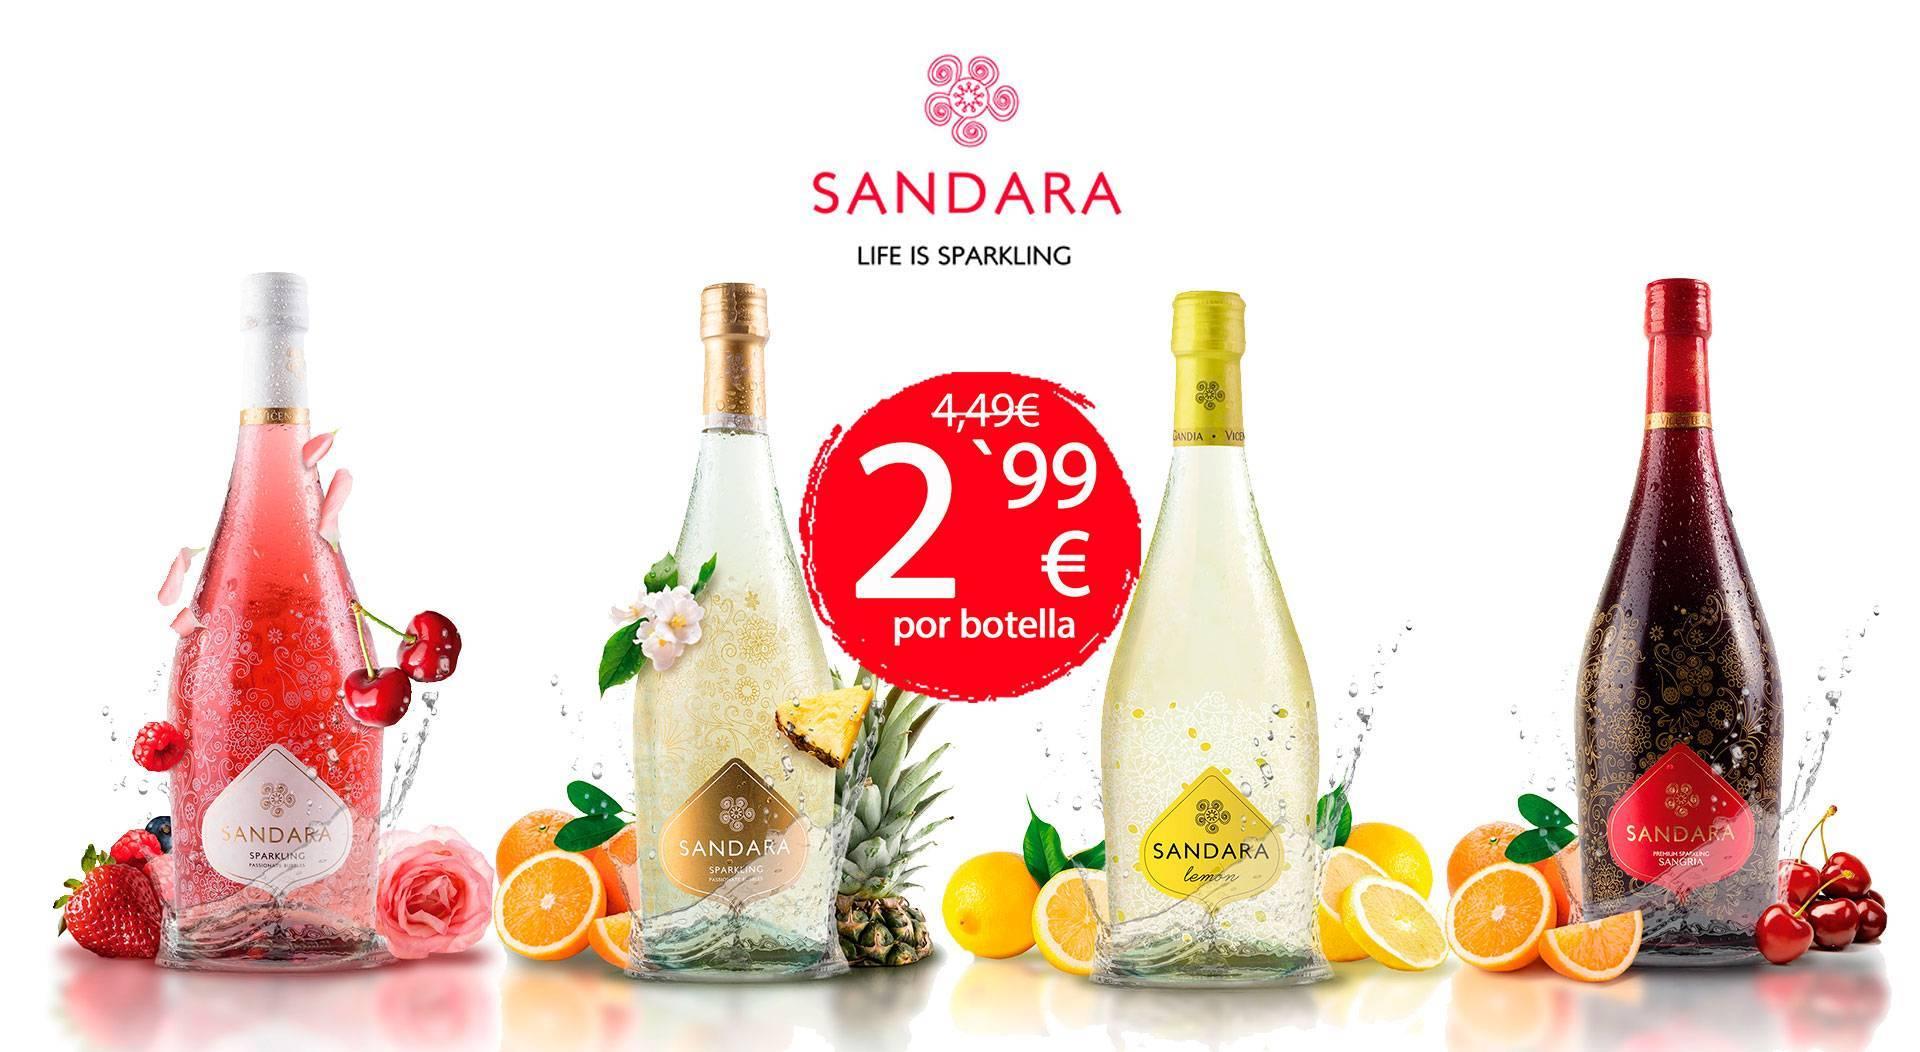 Oferta Sandara